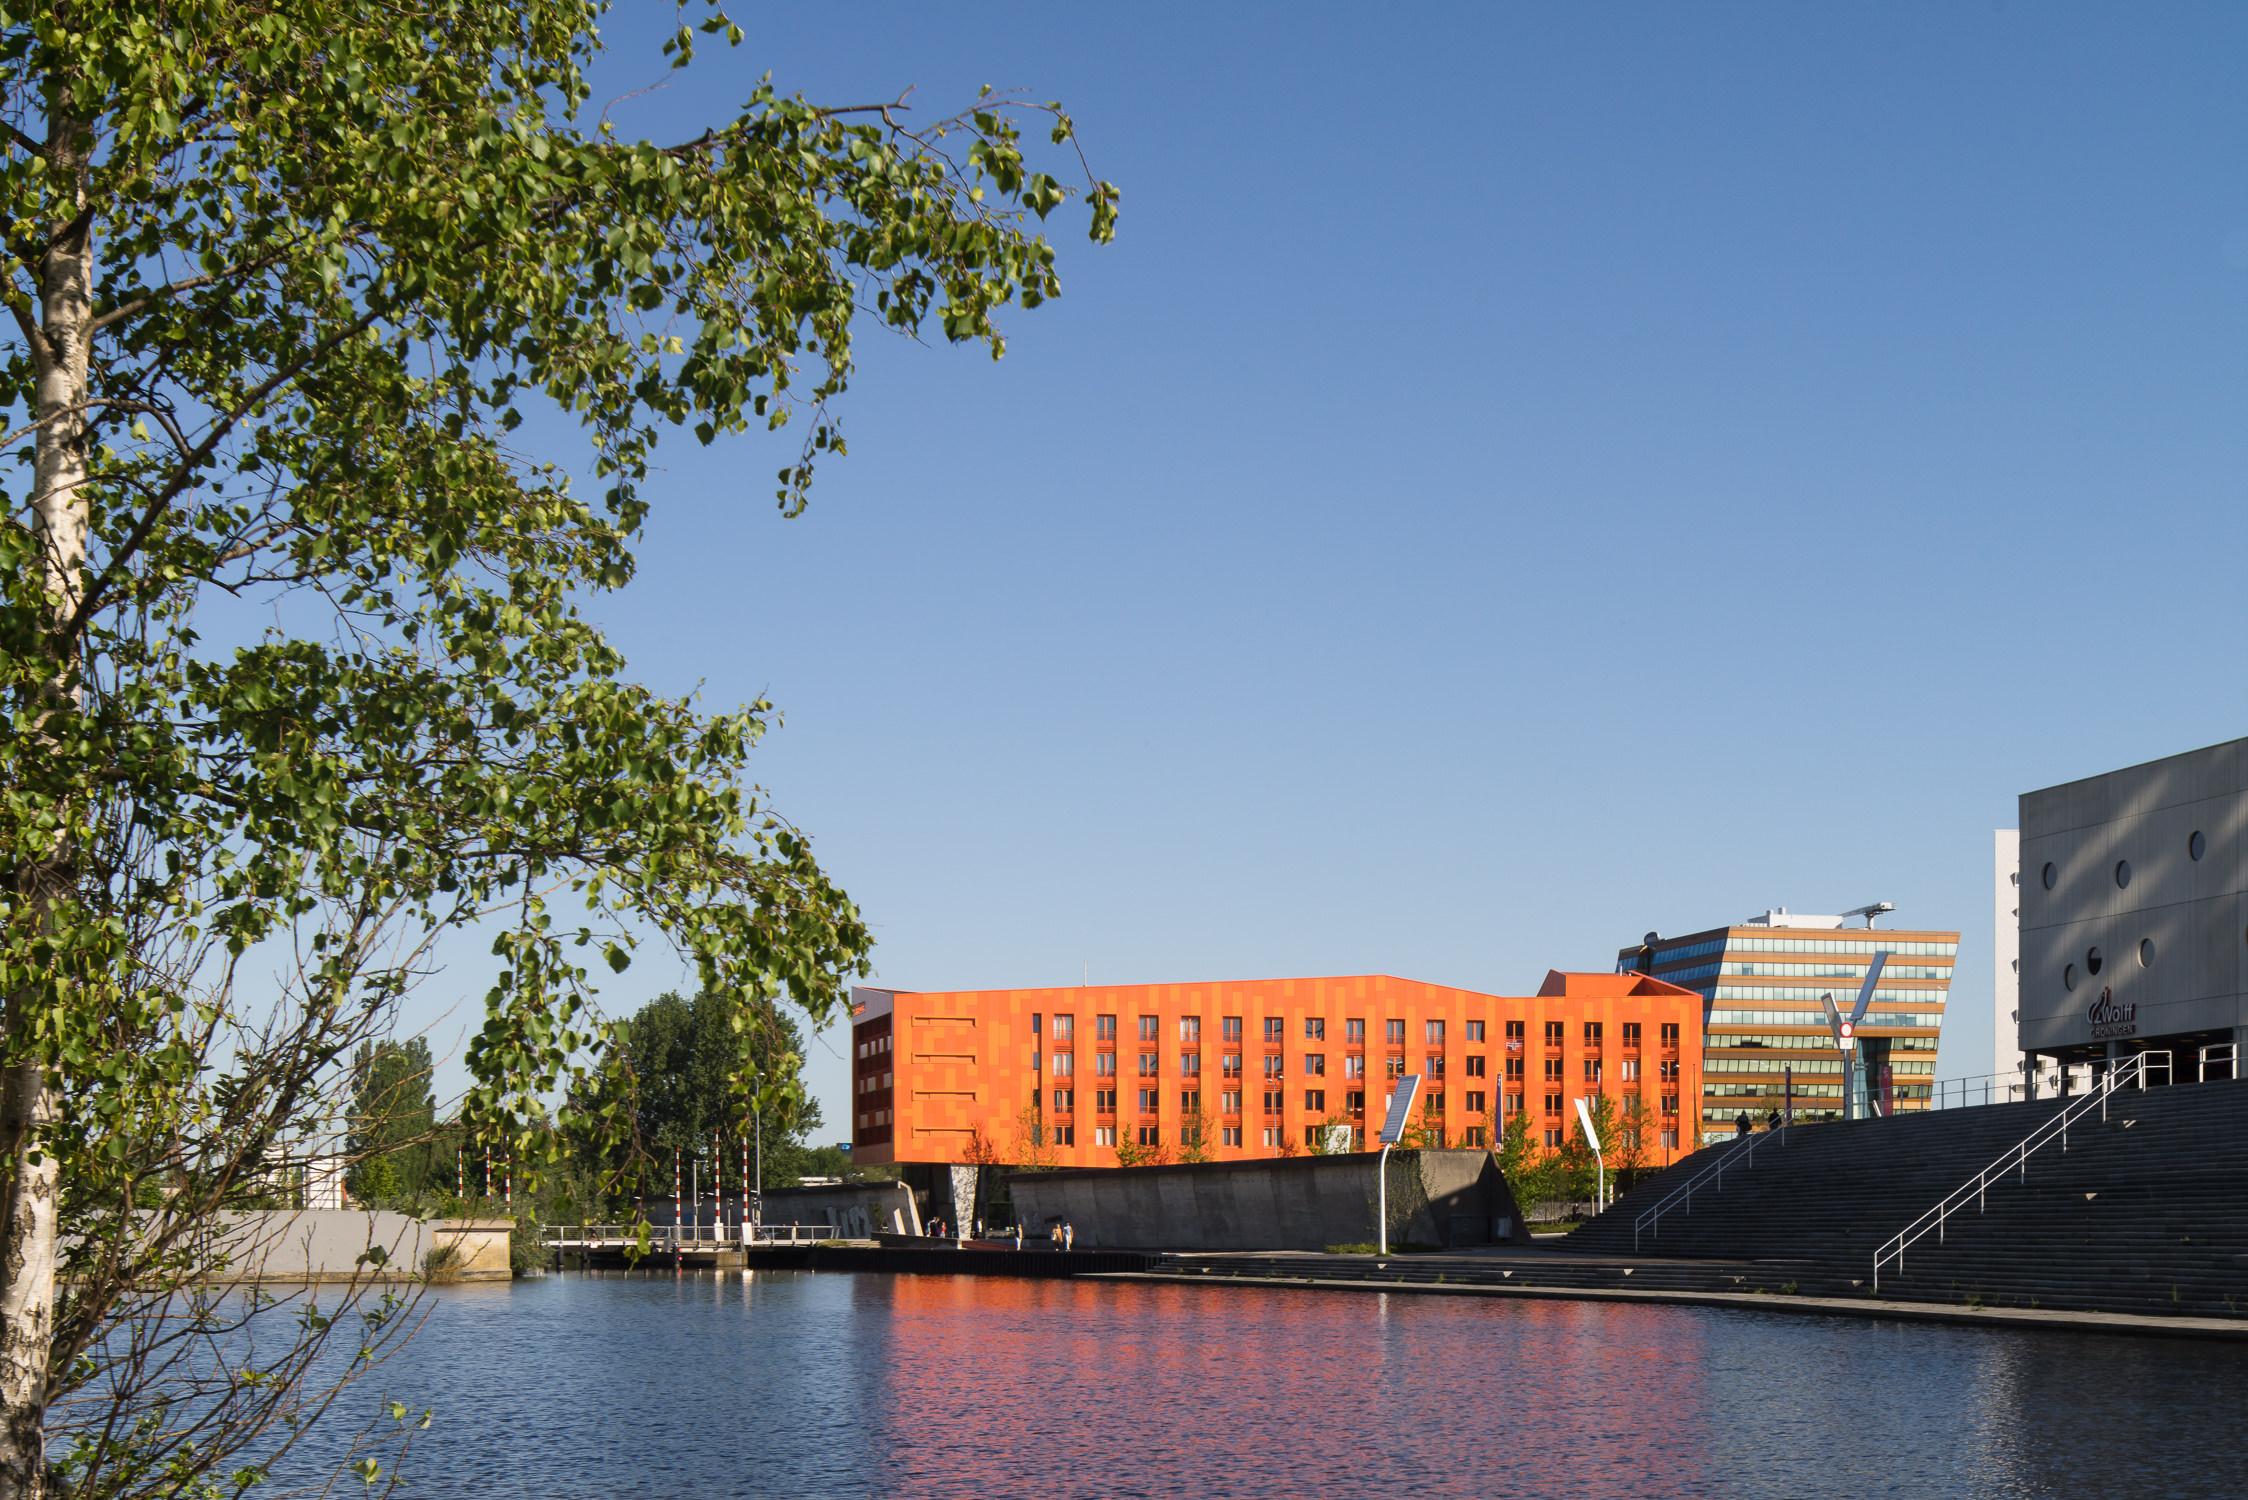 view across the water of hete kolen by team 4 architecten